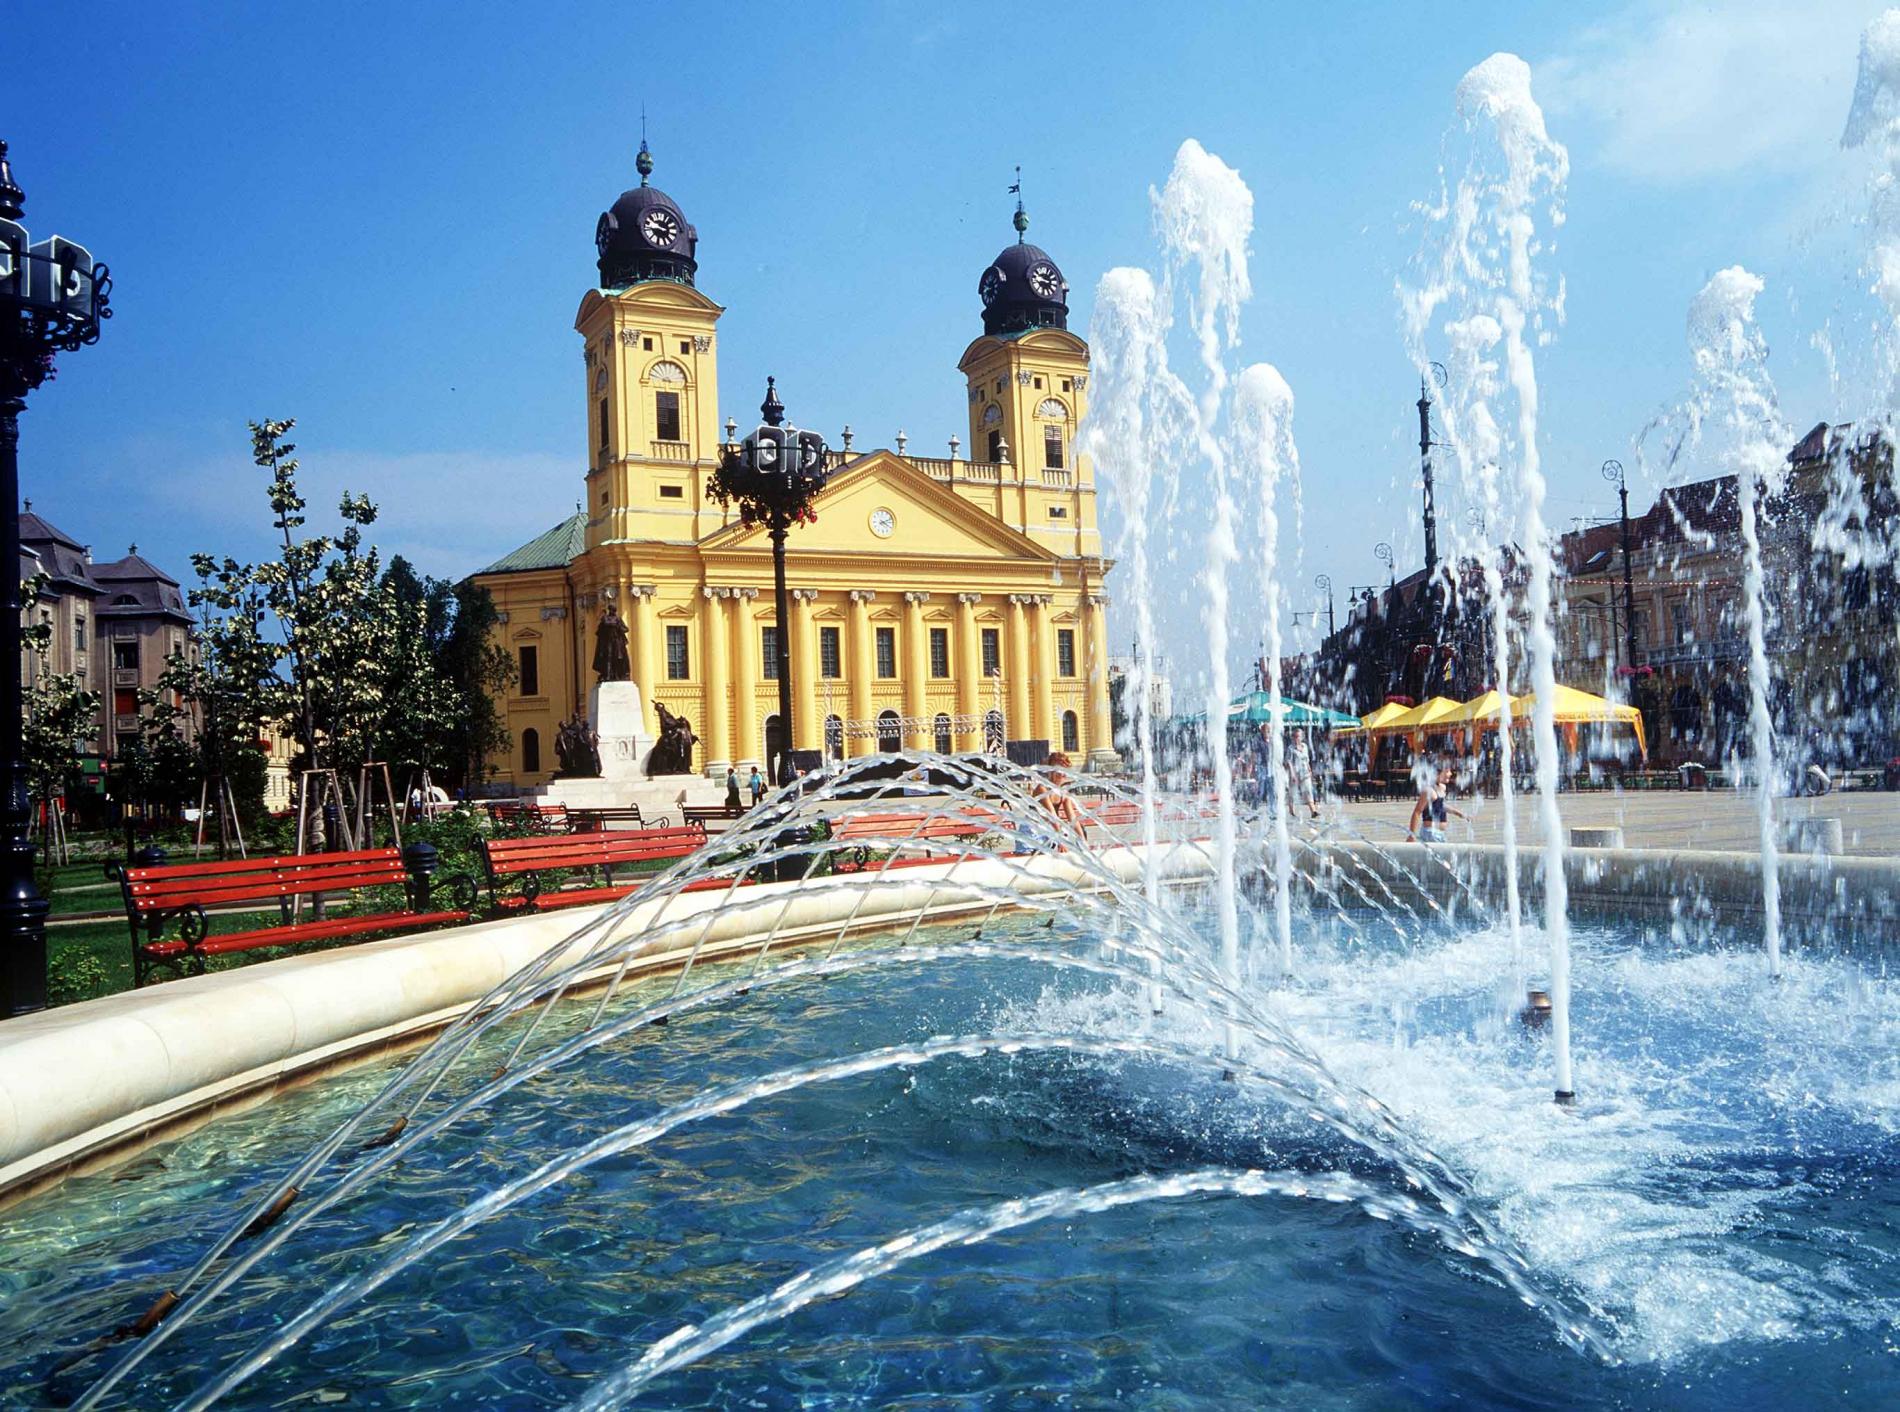 Евророуминг -интернет в Венгрии